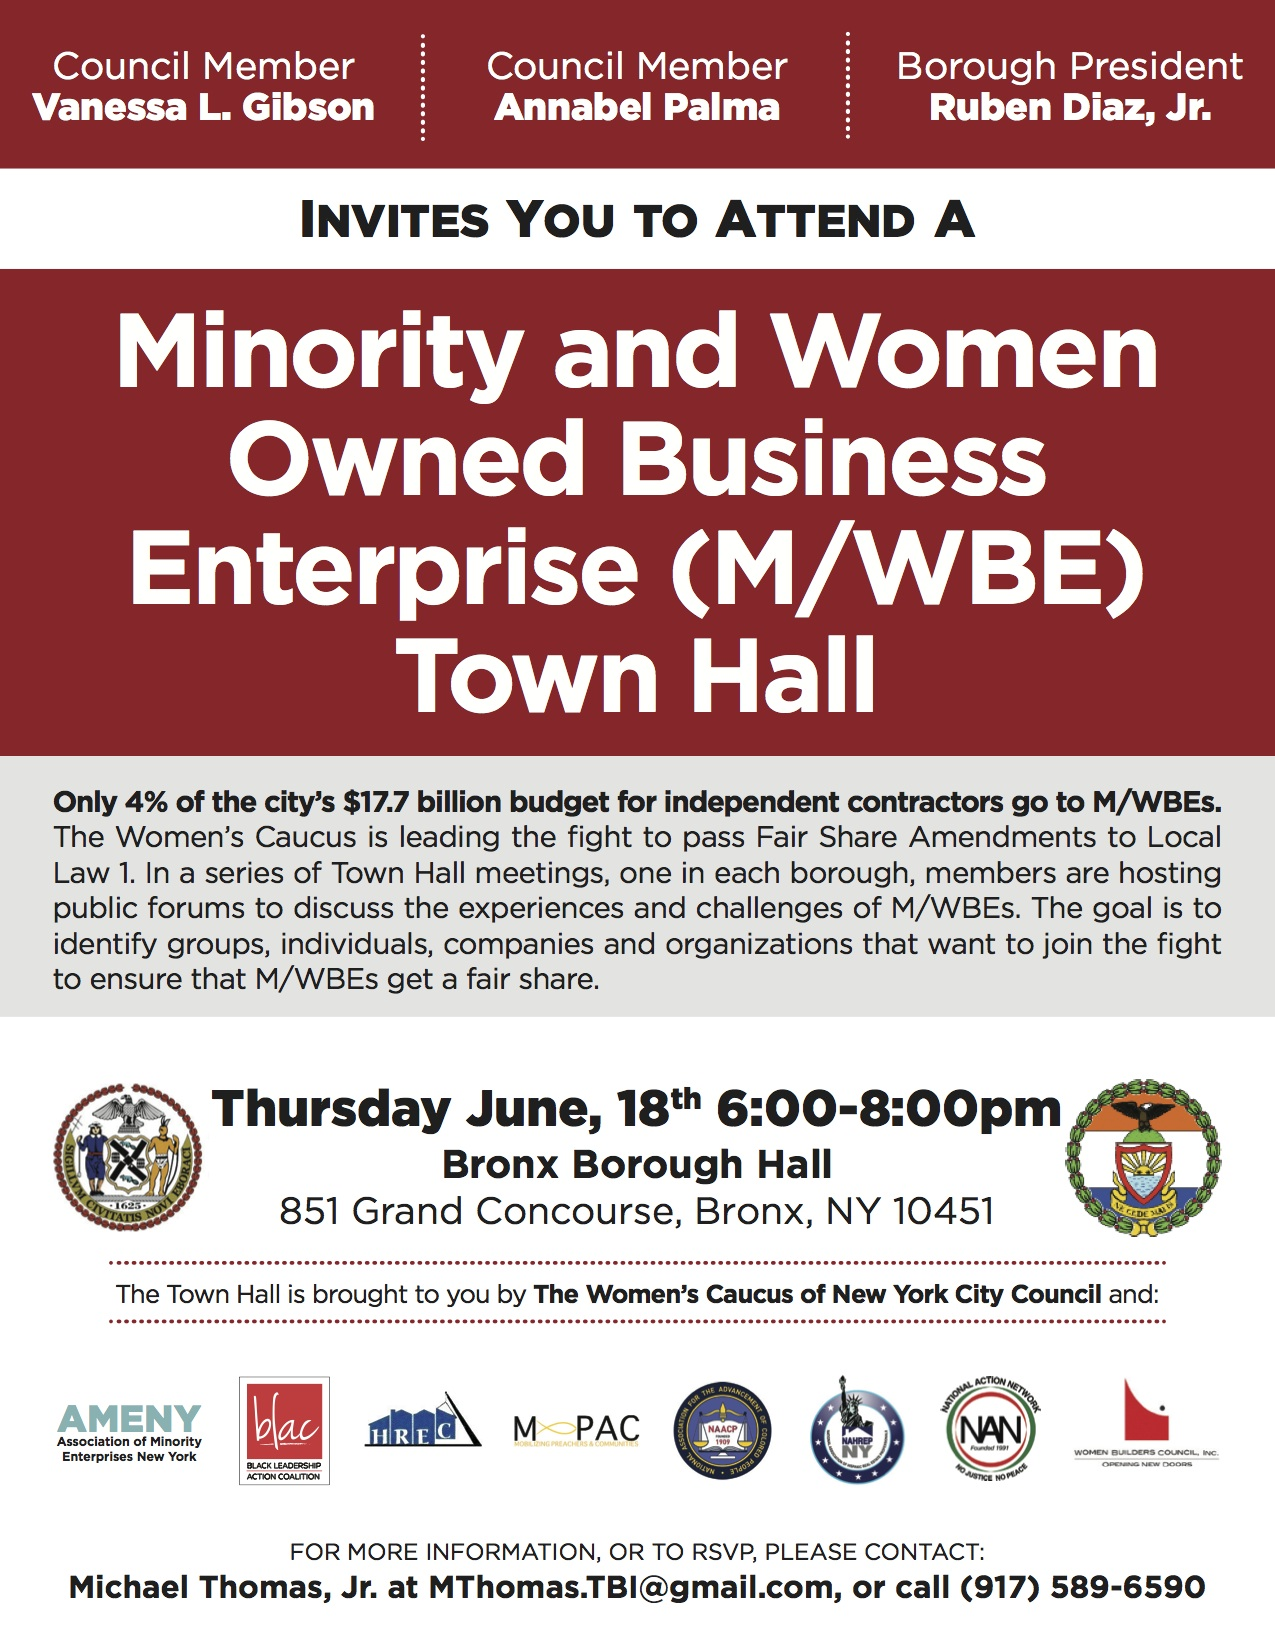 TBI_MWBE_TownHall_Bronx_v4.jpg